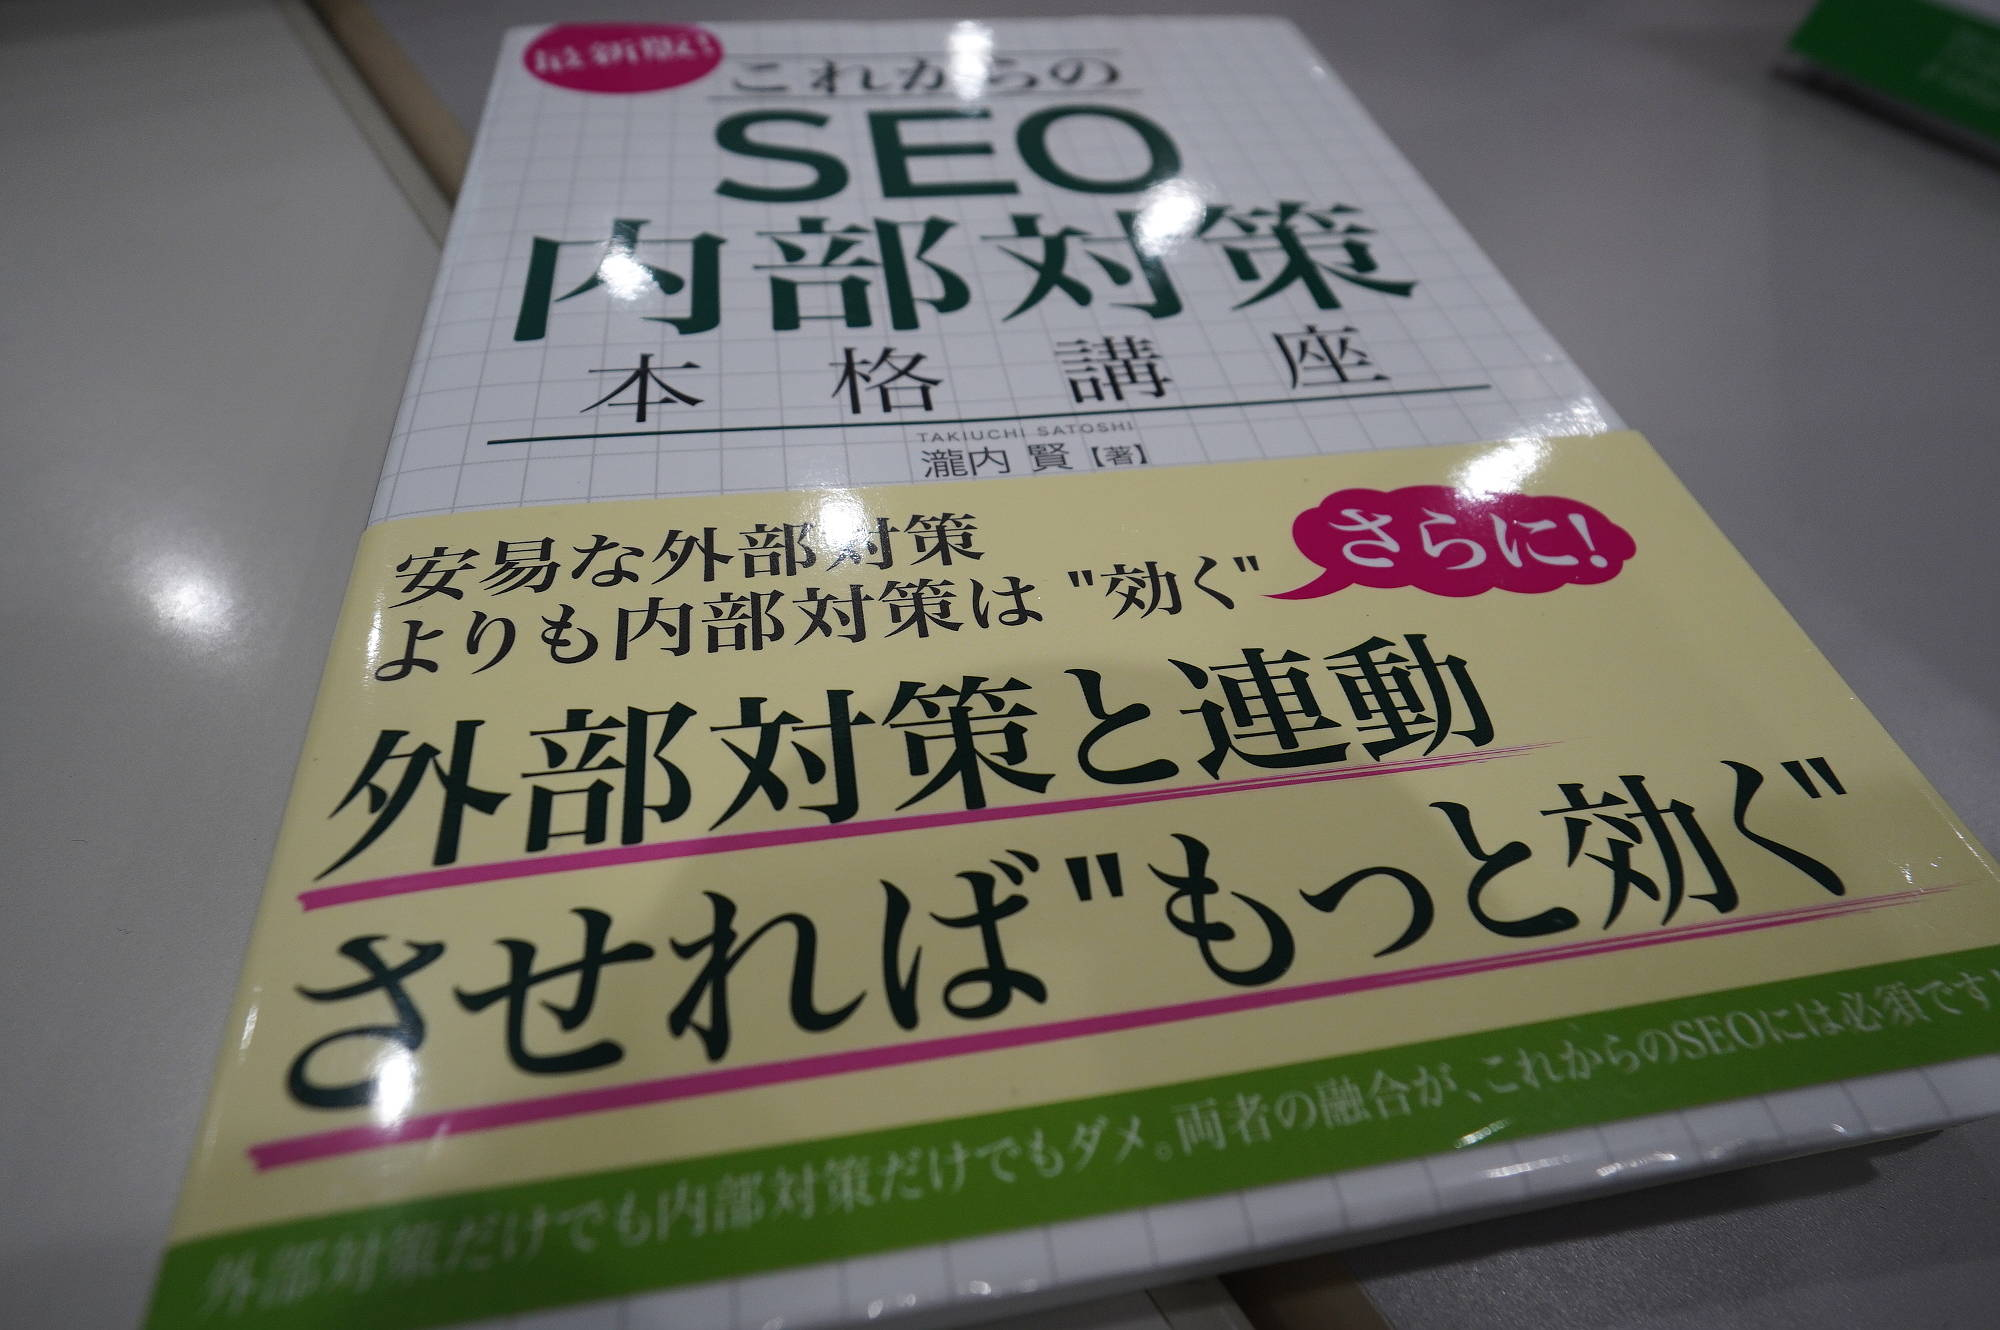 【SEO学習本】最新版! これからのSEO内部対策 本格講座